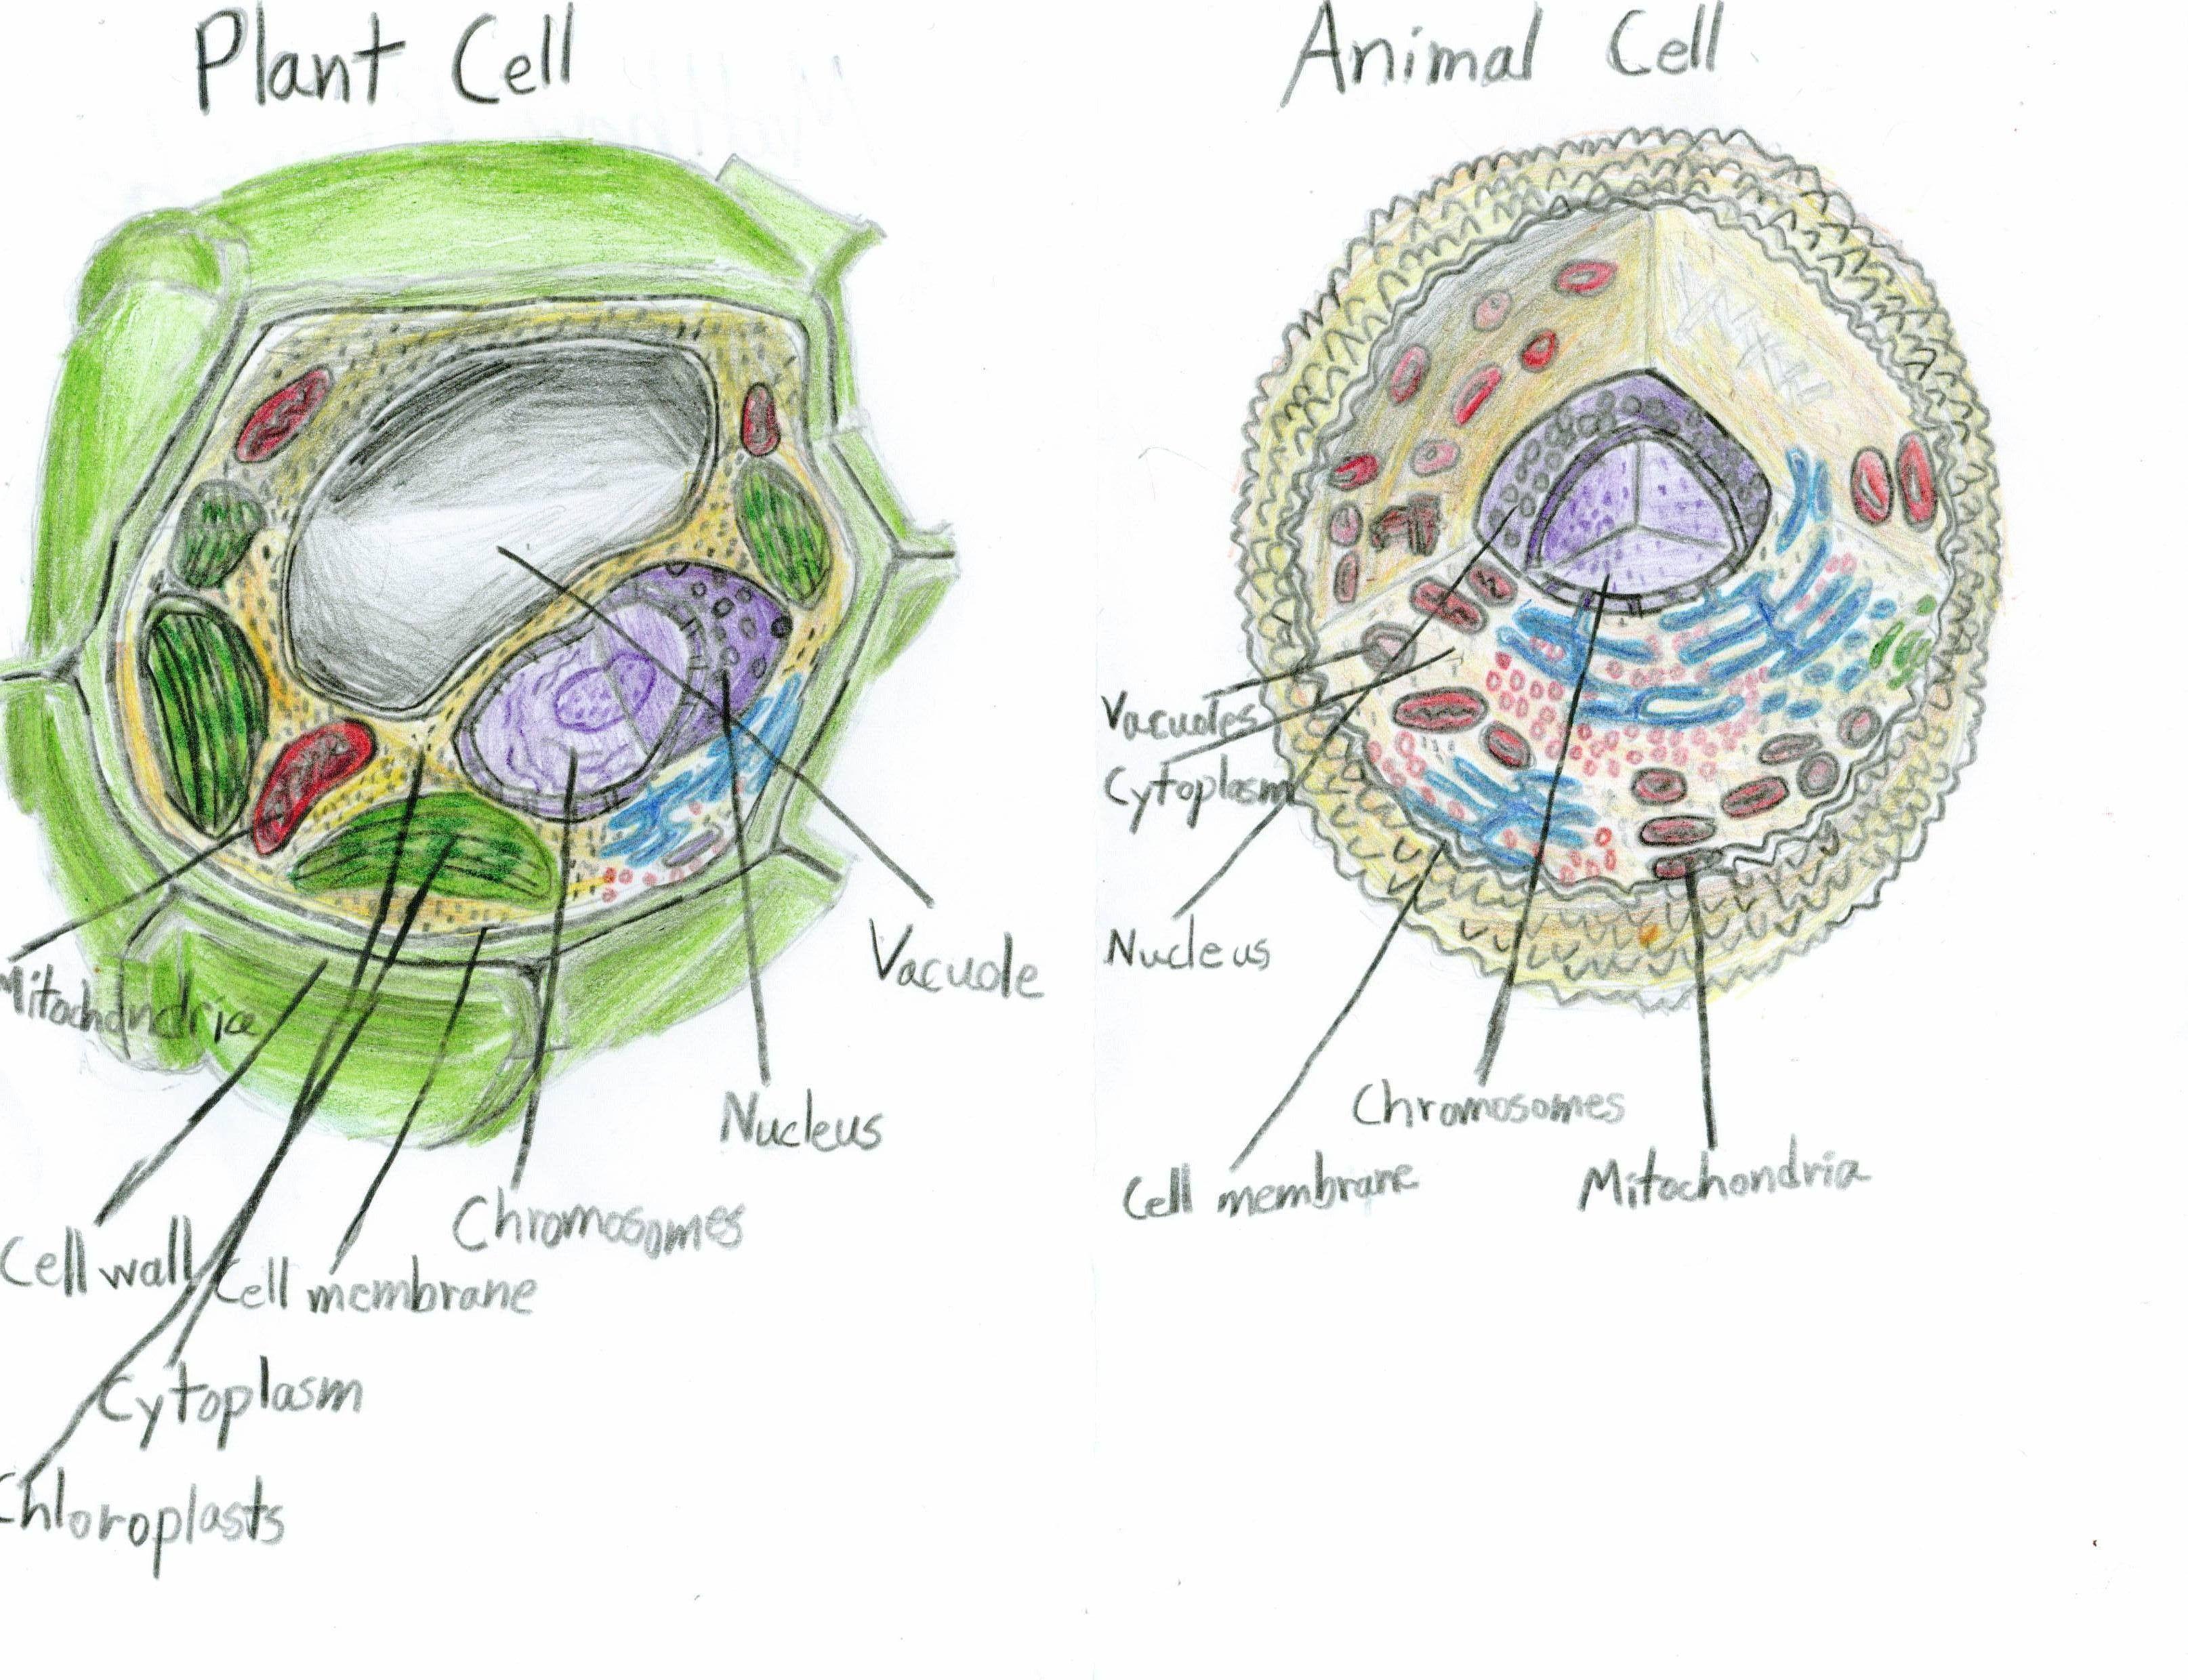 Plant Cell Diagram 7th Grade Unique the Portfolio 2009 ...